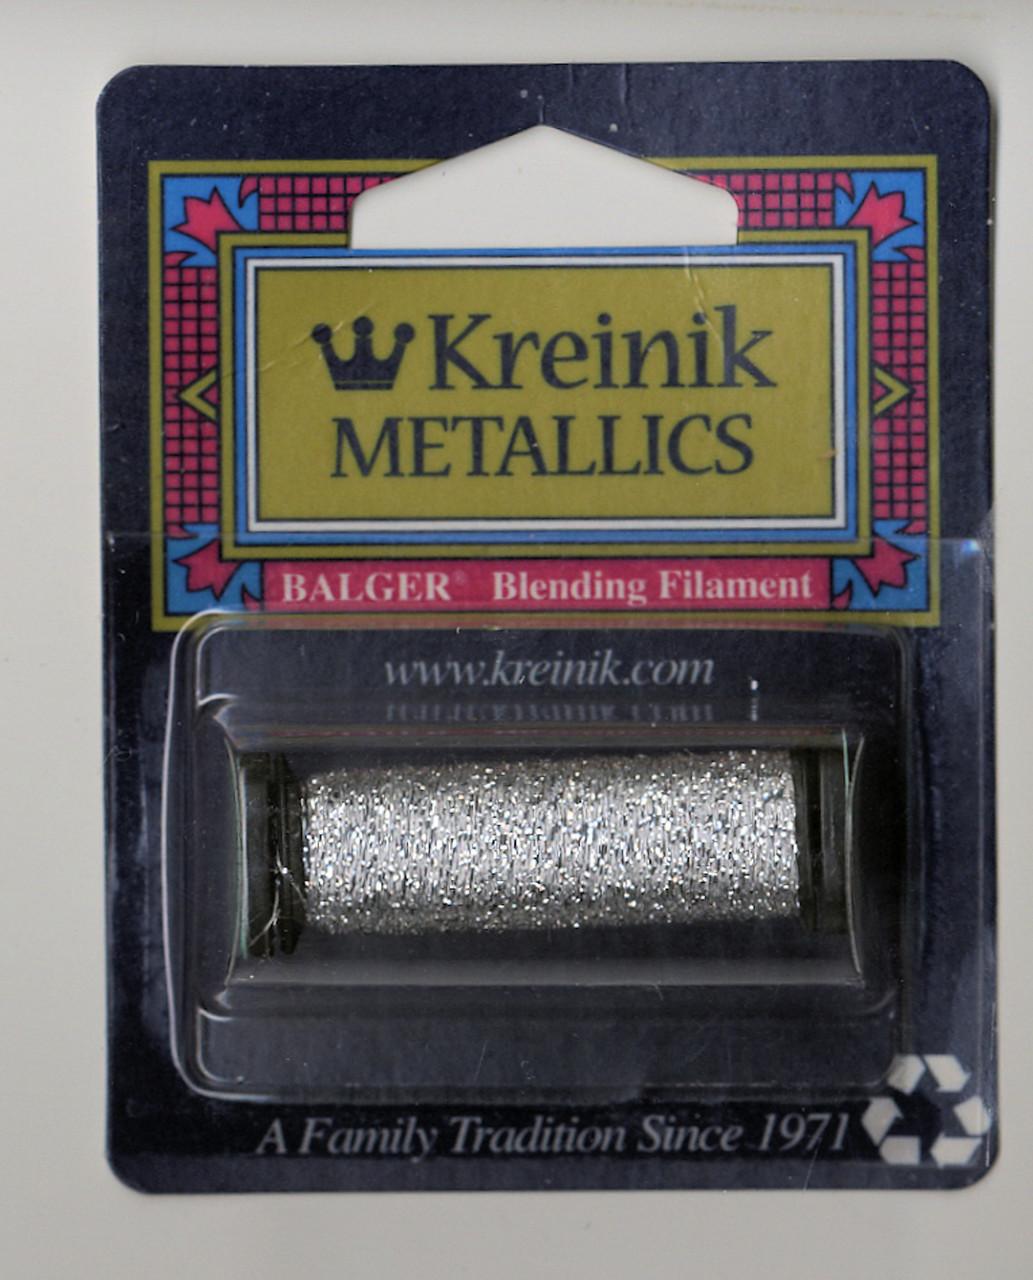 Kreinik Balger Blending Filament 015